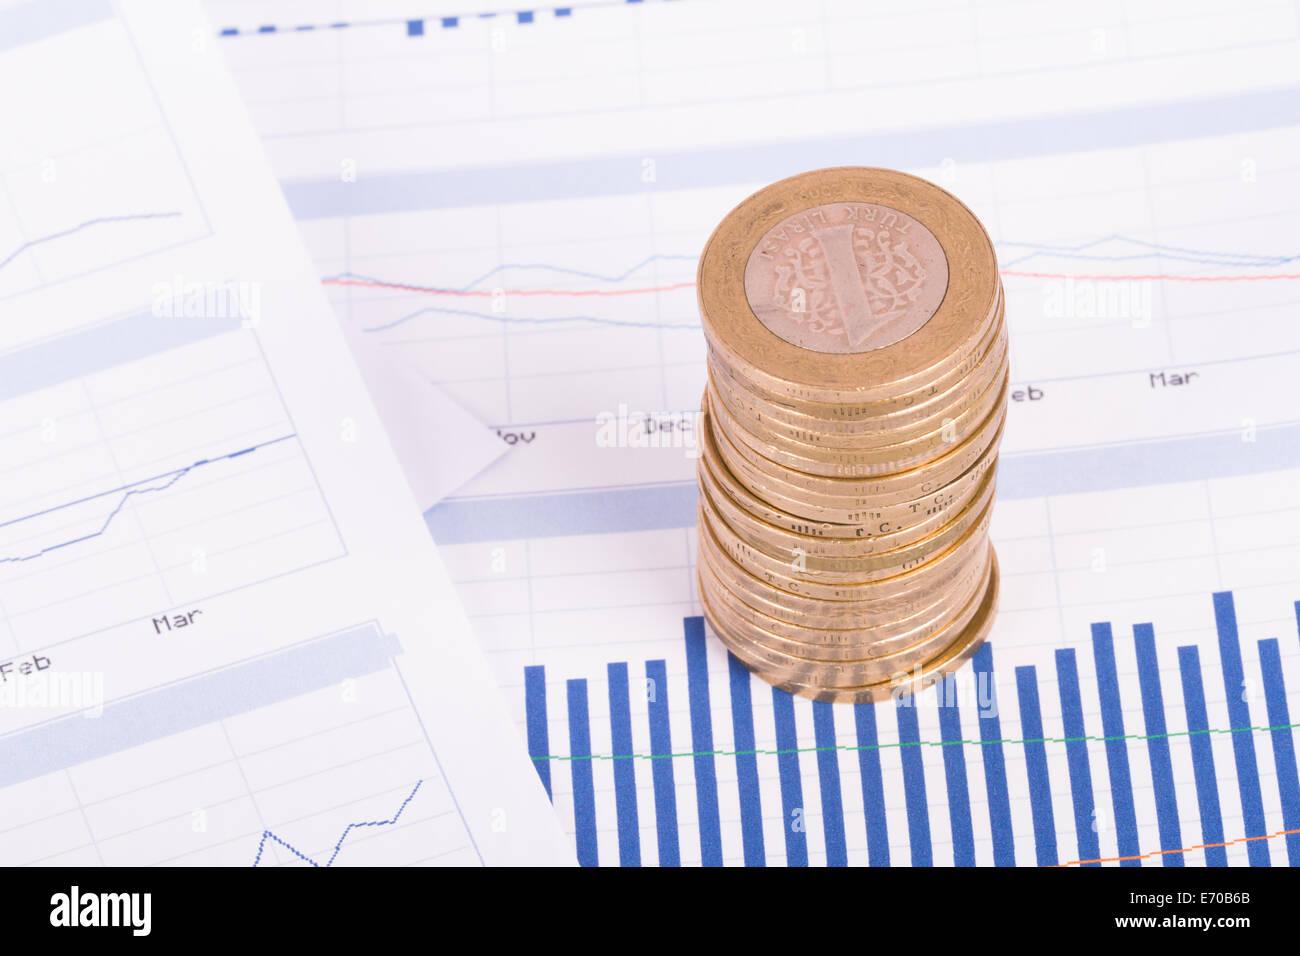 Münzen auf Chart-Grafiken und Finanzdaten Analyse. Stockfoto